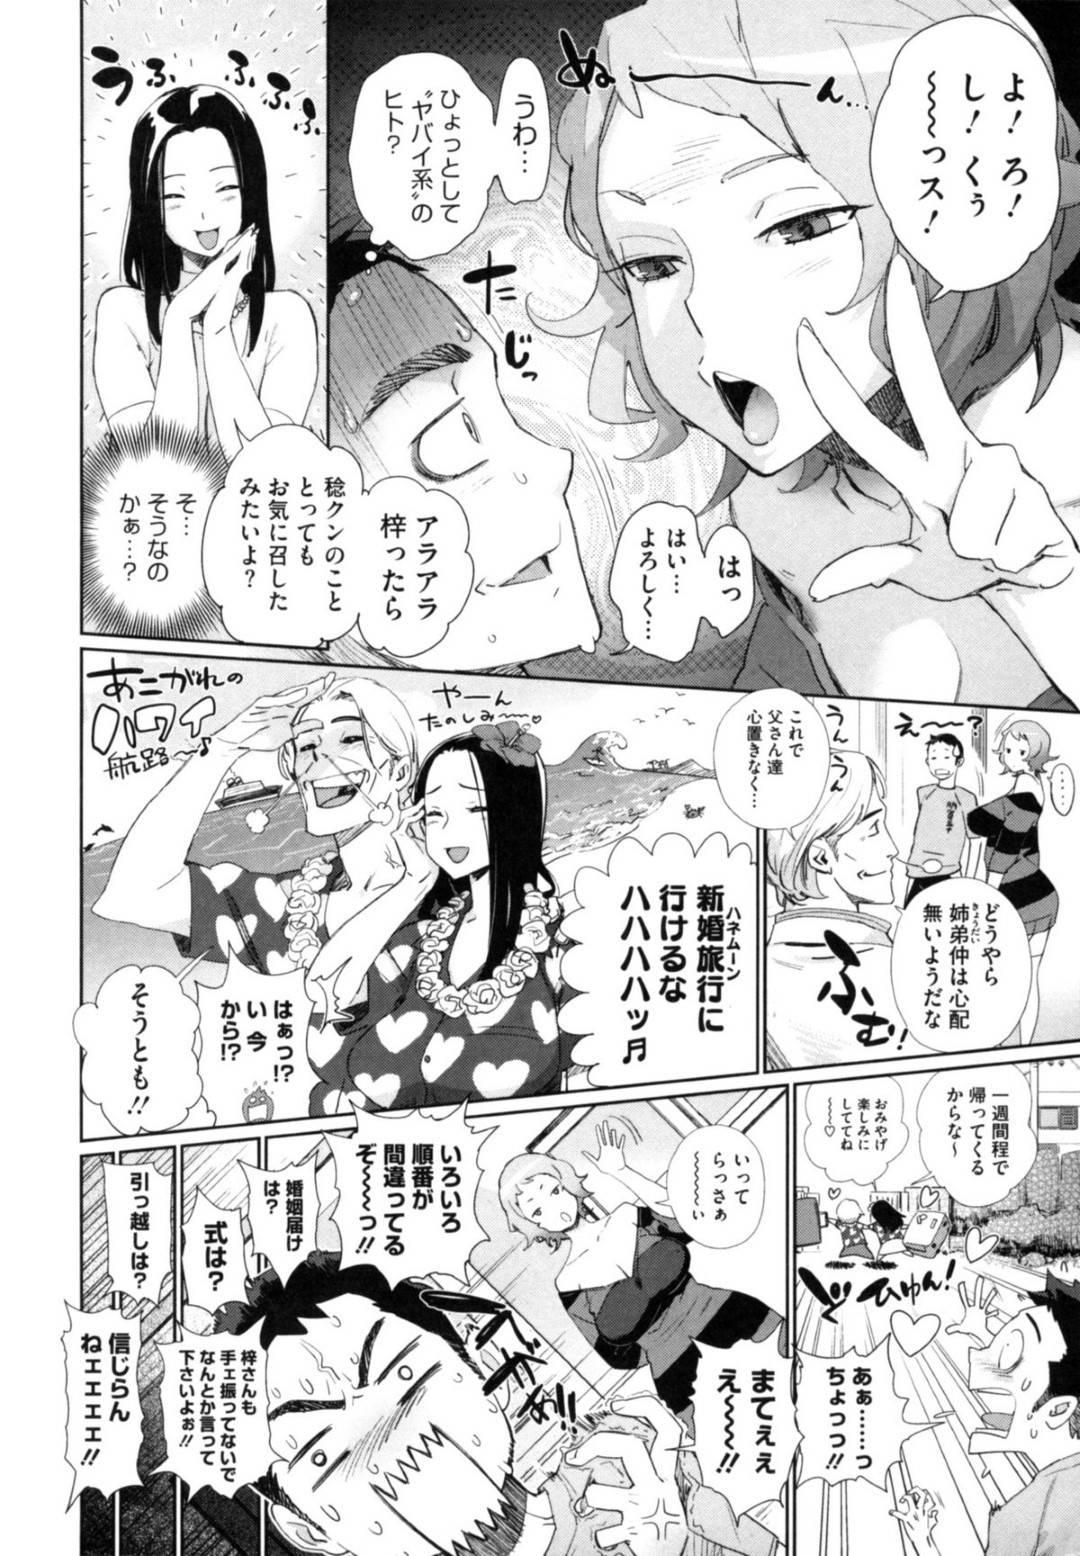 【エロ漫画】父親が再婚することになり中学生の弟ができた巨乳JD…そしてすぐに父親たちは新婚旅行に出かけてしまったため弟と2人で一週間過ごすことに!【ボボボ】